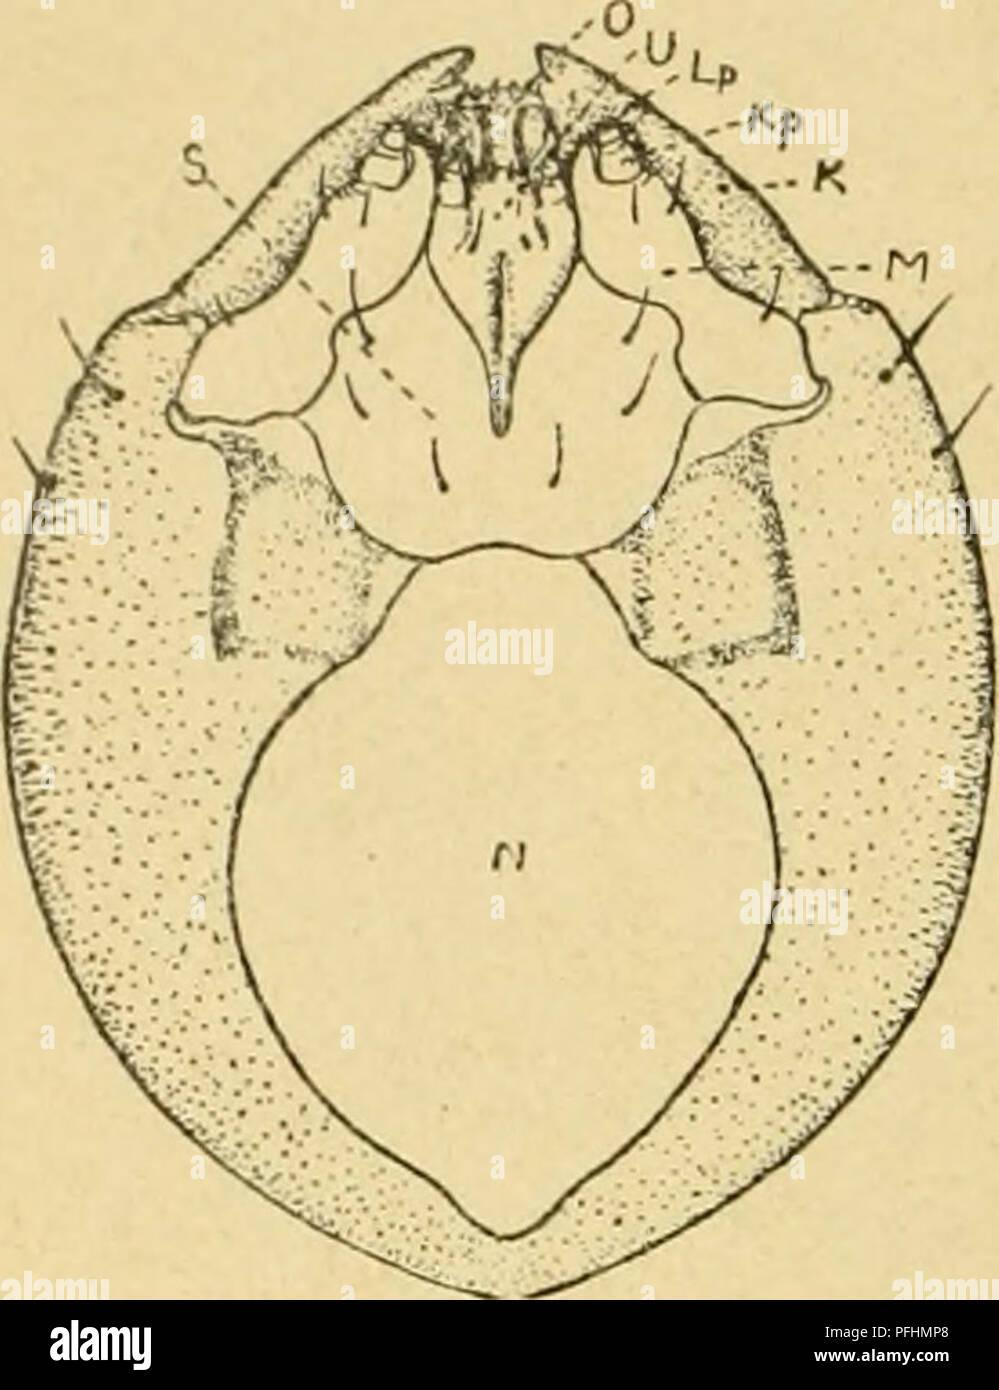 . Danmarks fauna, Biller. Beetles. 6 mer findes ikke, men de 3 Thoraxled besidder paa Be- nenes Plads nogle fine Haar, der kan sidde ophøjet paa en svag Fremragning De simple, runde eller aflange Spirakler findes paa Prothorax og paa de 8 første Bag- kropsled. Pupperne vil let kunne ken- des paa Snuden, der stemmer over- ens med Imagos. Pupperne er iøv- rigt karakteriserede ved de paa be- stemt Maade anbragte smaa Haar paa de forskellige Dele af Kroppen.. Fig. 7. Hoved af en Pissodes - Larve, set nedenfra. Lp Læbe- palpe, Kp Kæbepalpe, /CKindbakke, 7H Kæ- be, N Nakkehul, O Overlæbe, S Submen-  - Stock Image